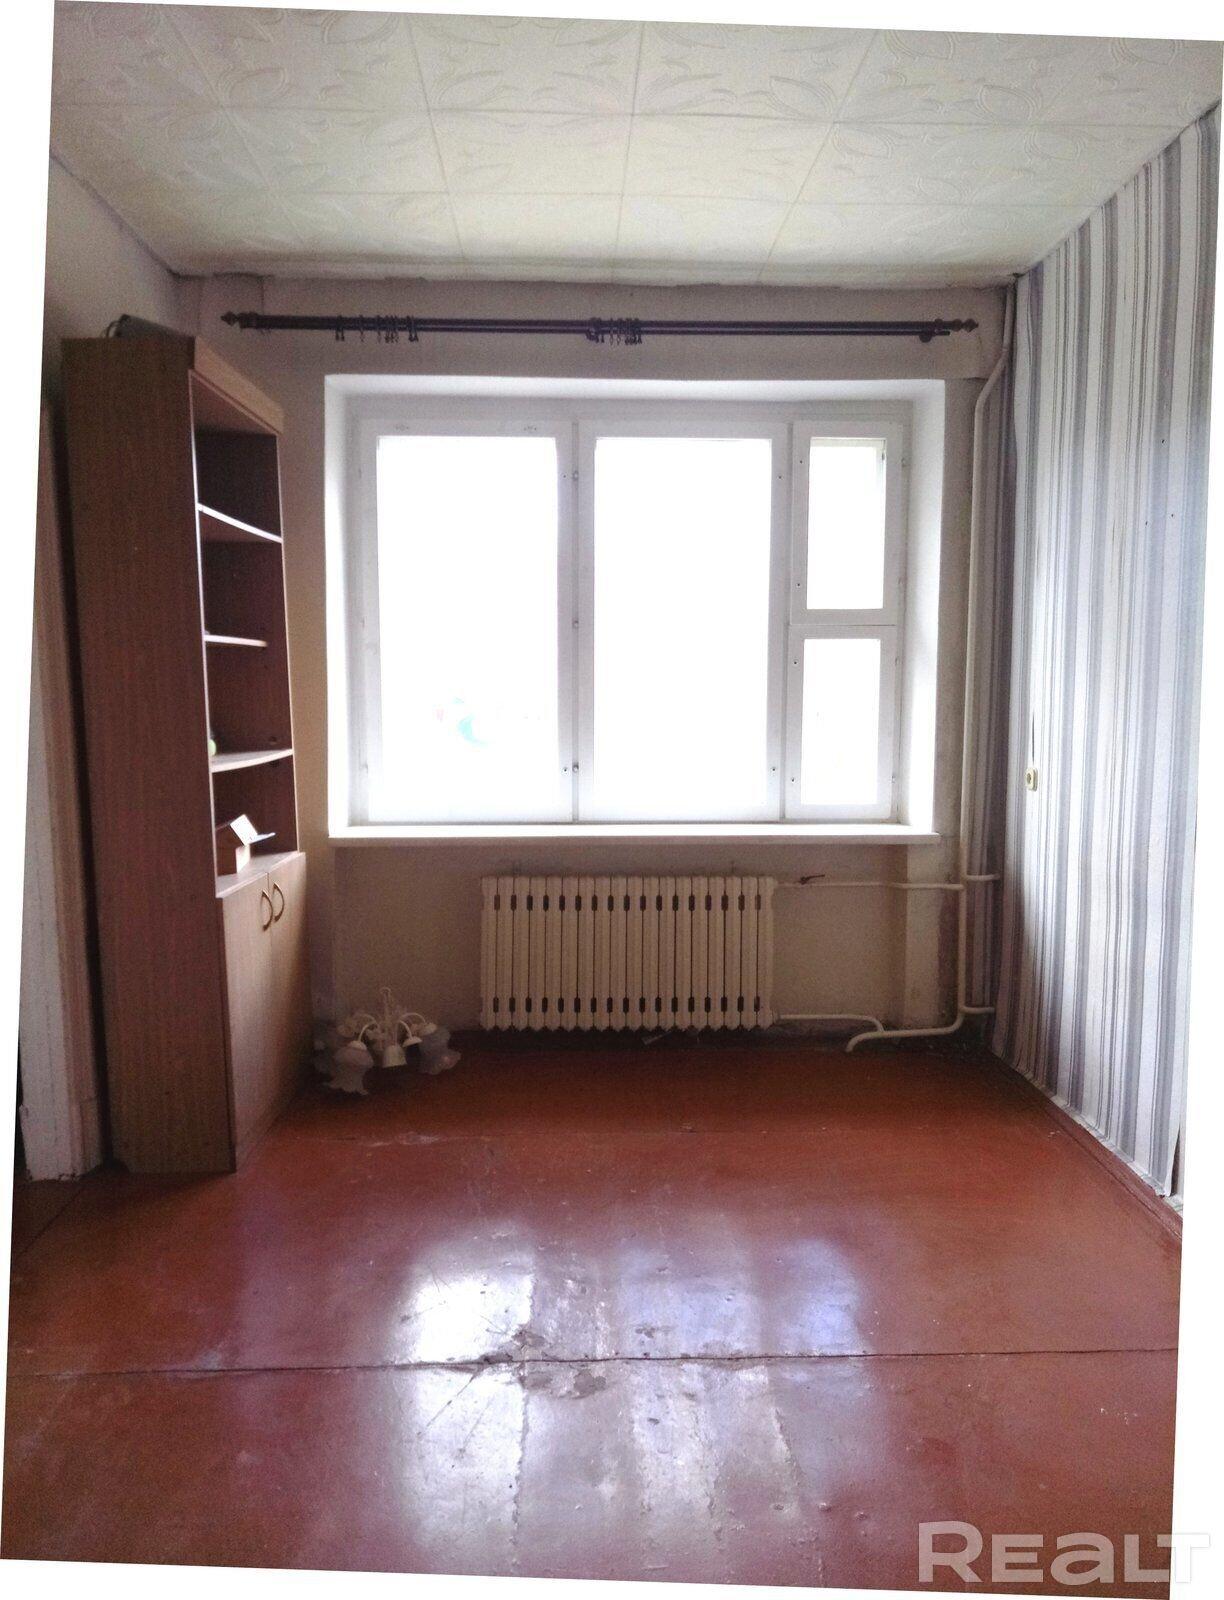 Продается комната в 2-х комнатной квартире, Новополоцк - фото №9